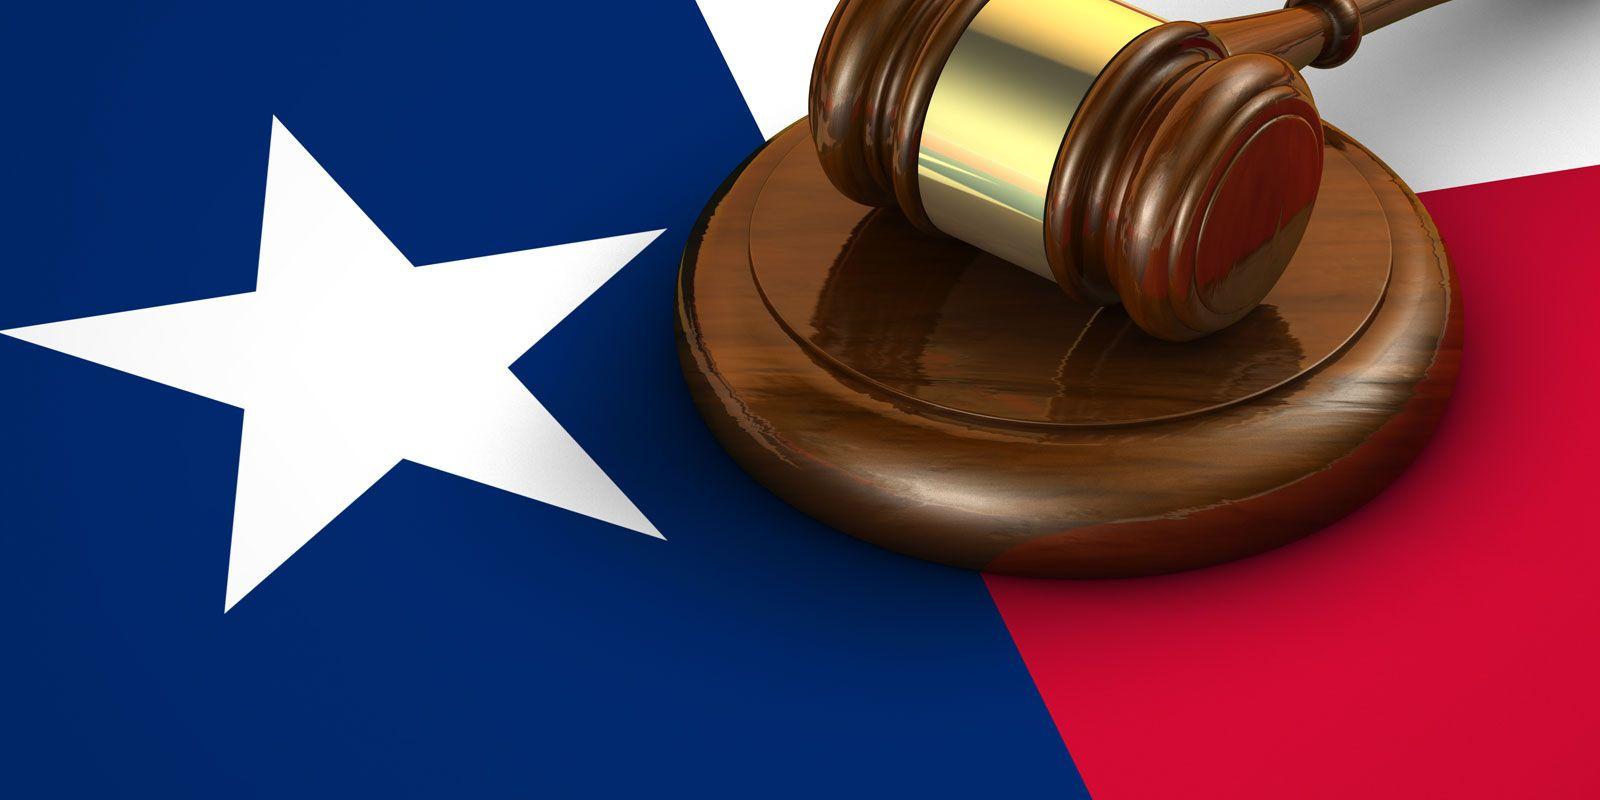 Gavel on Texas flag